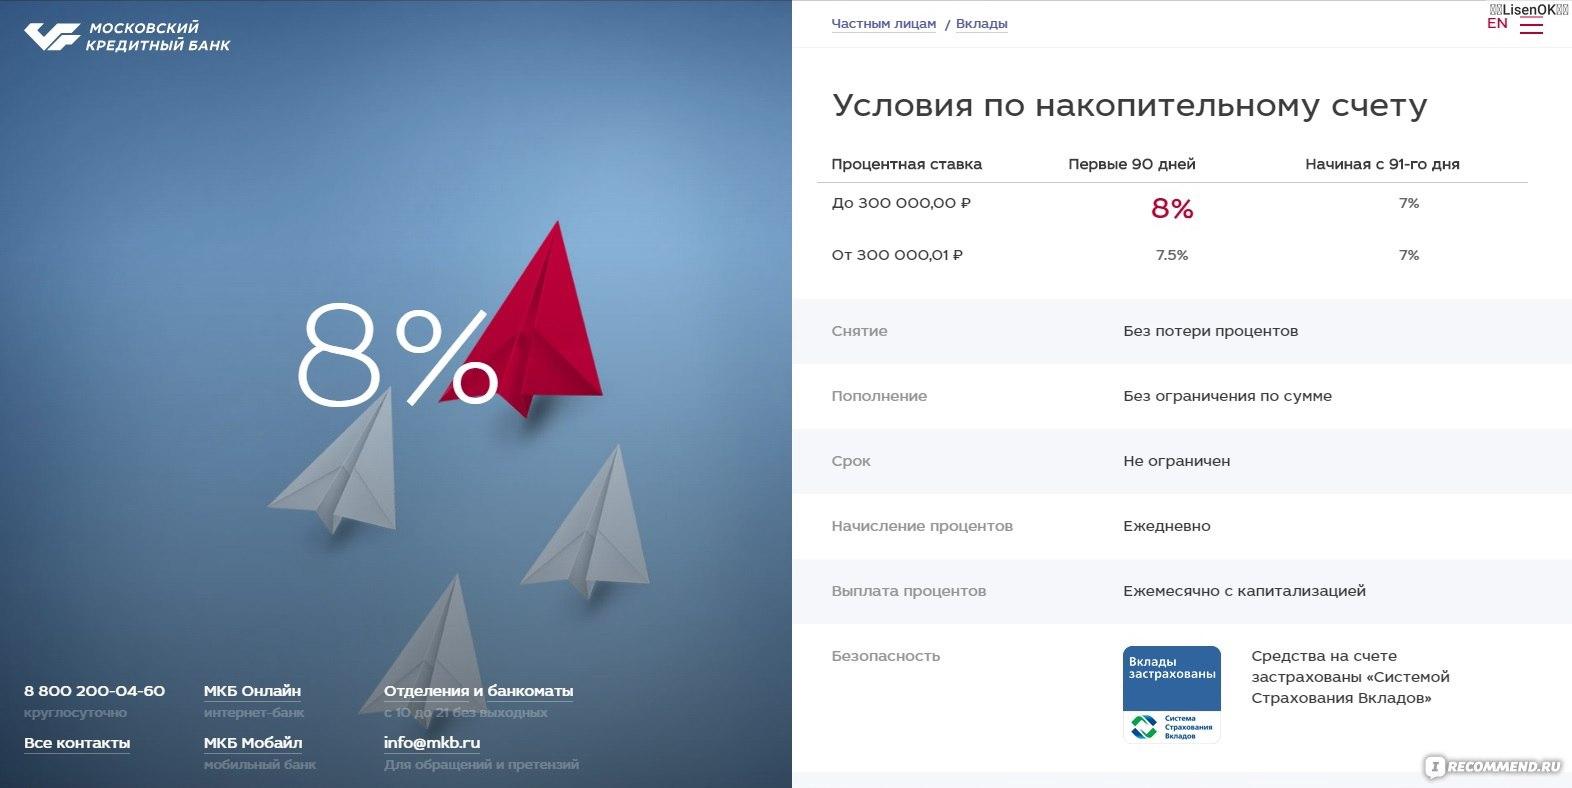 московский кредитный банк новаторов